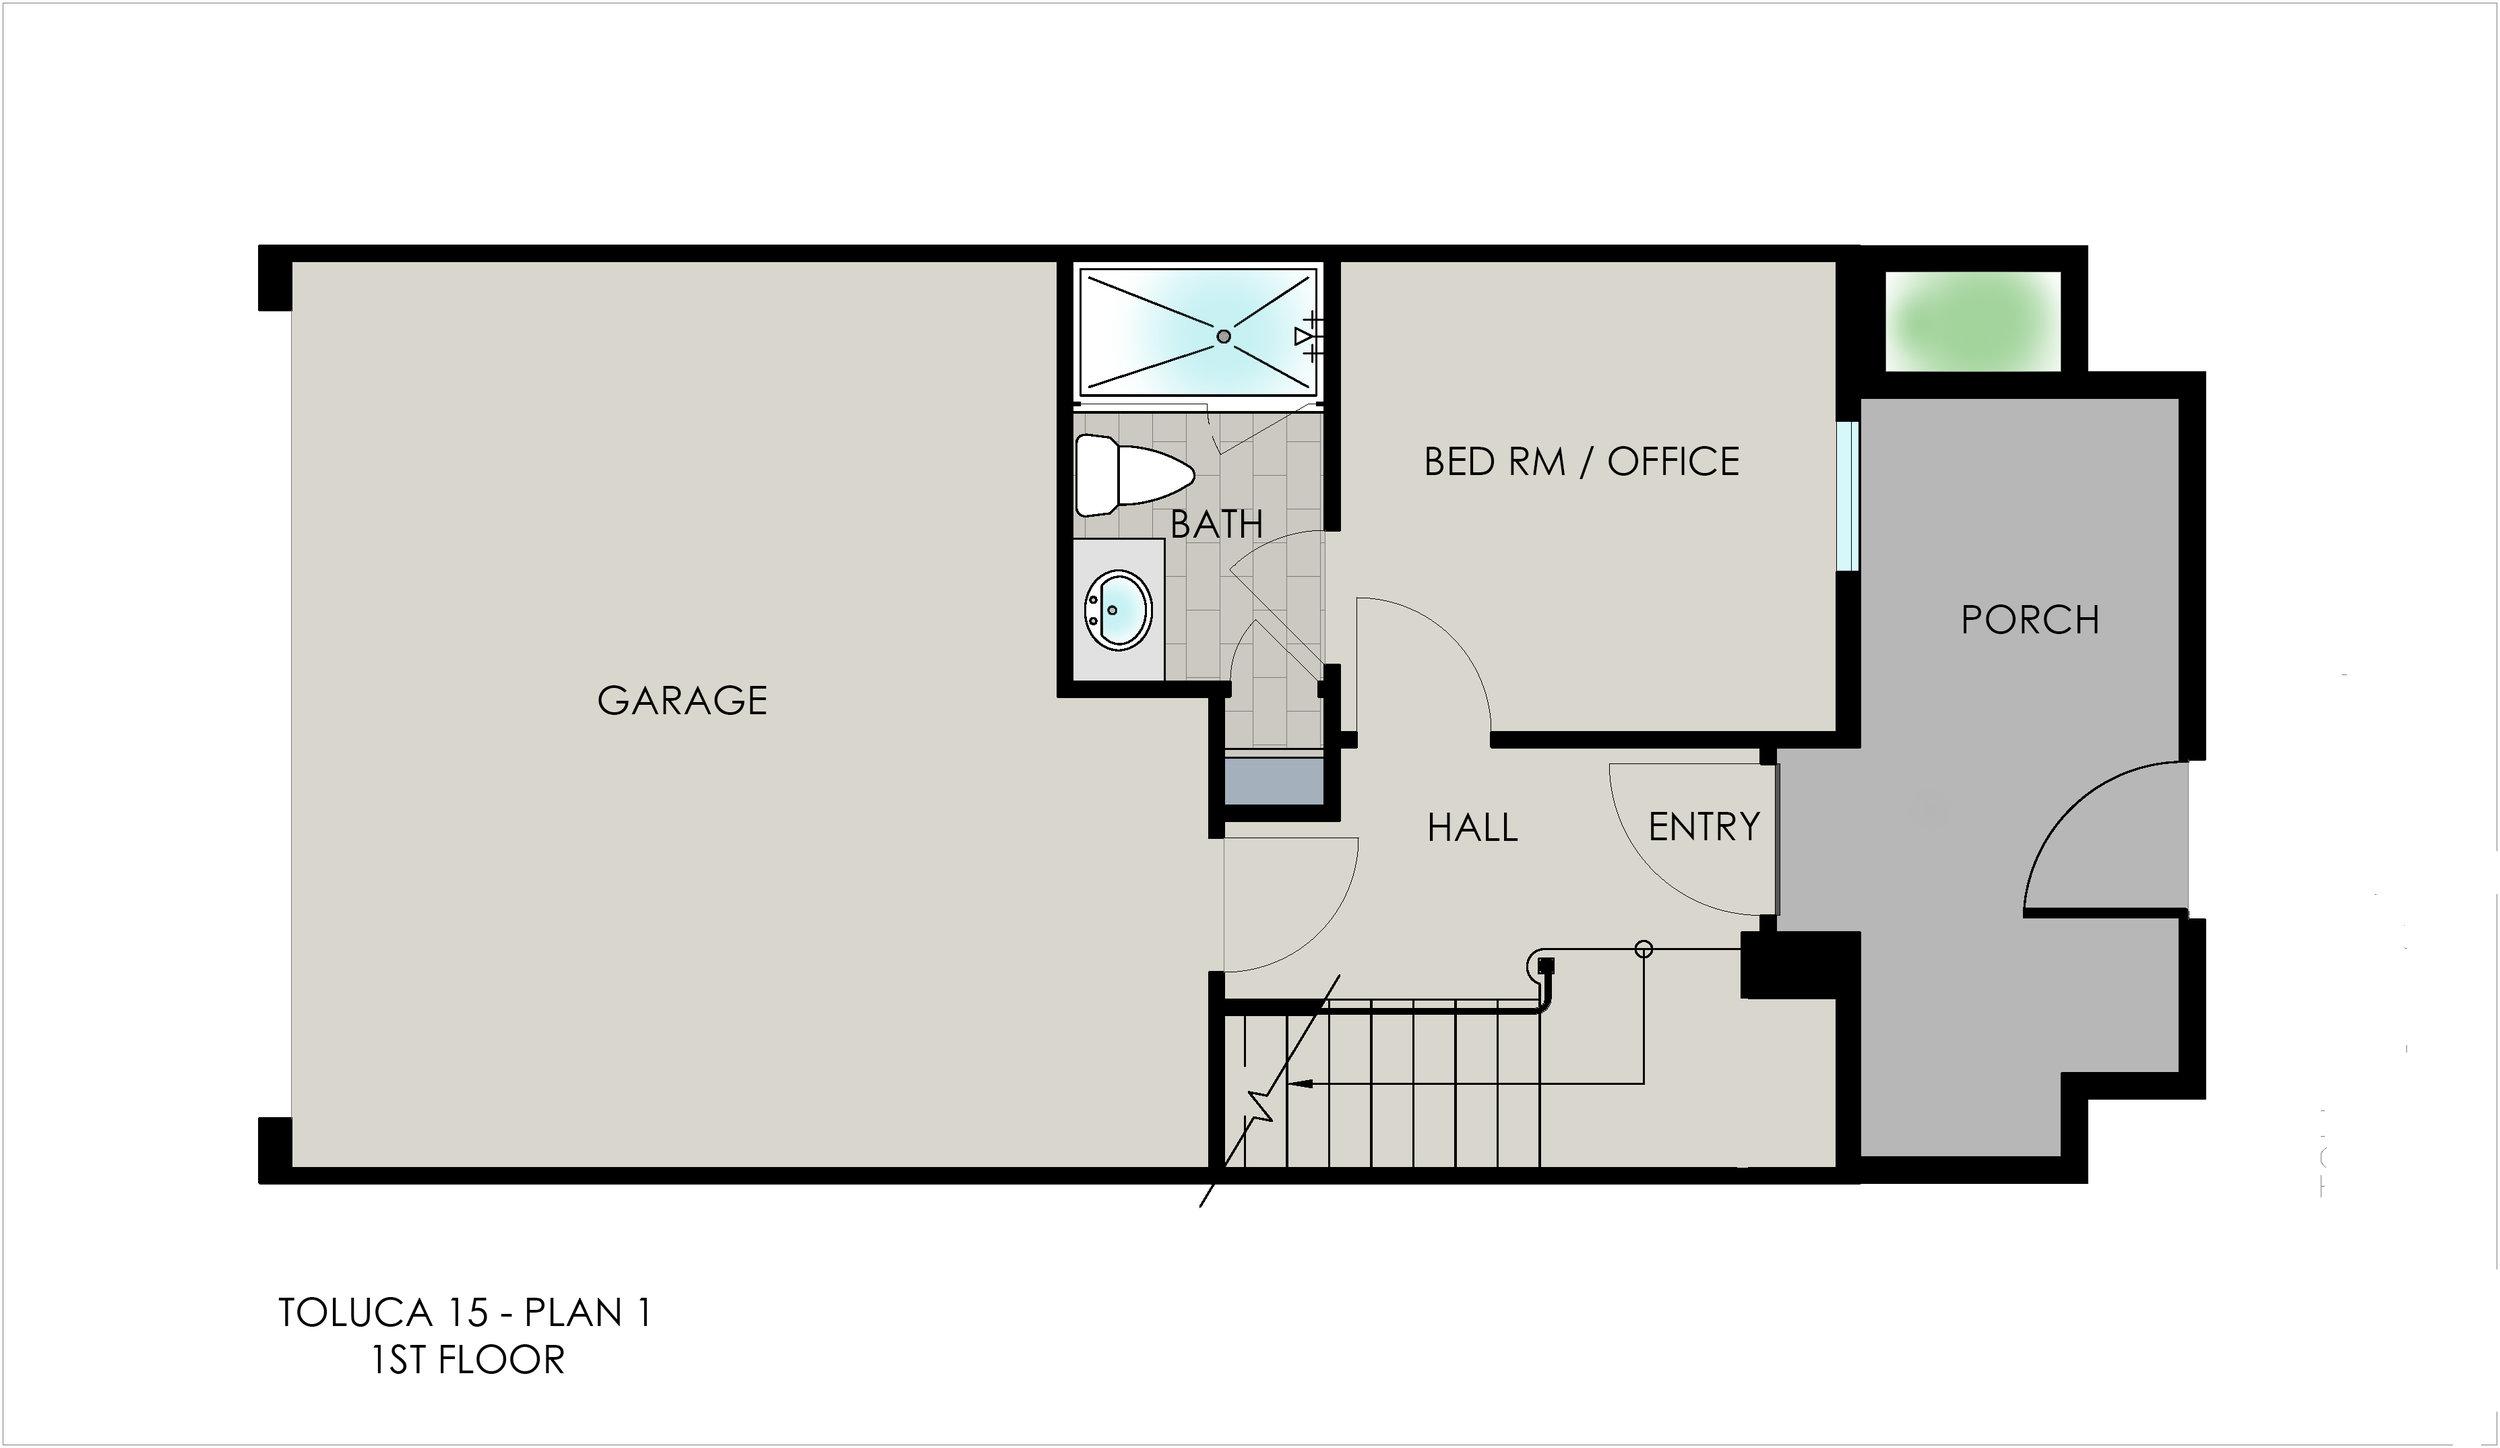 Plan 1 - 1st floor_RENDERED.jpg